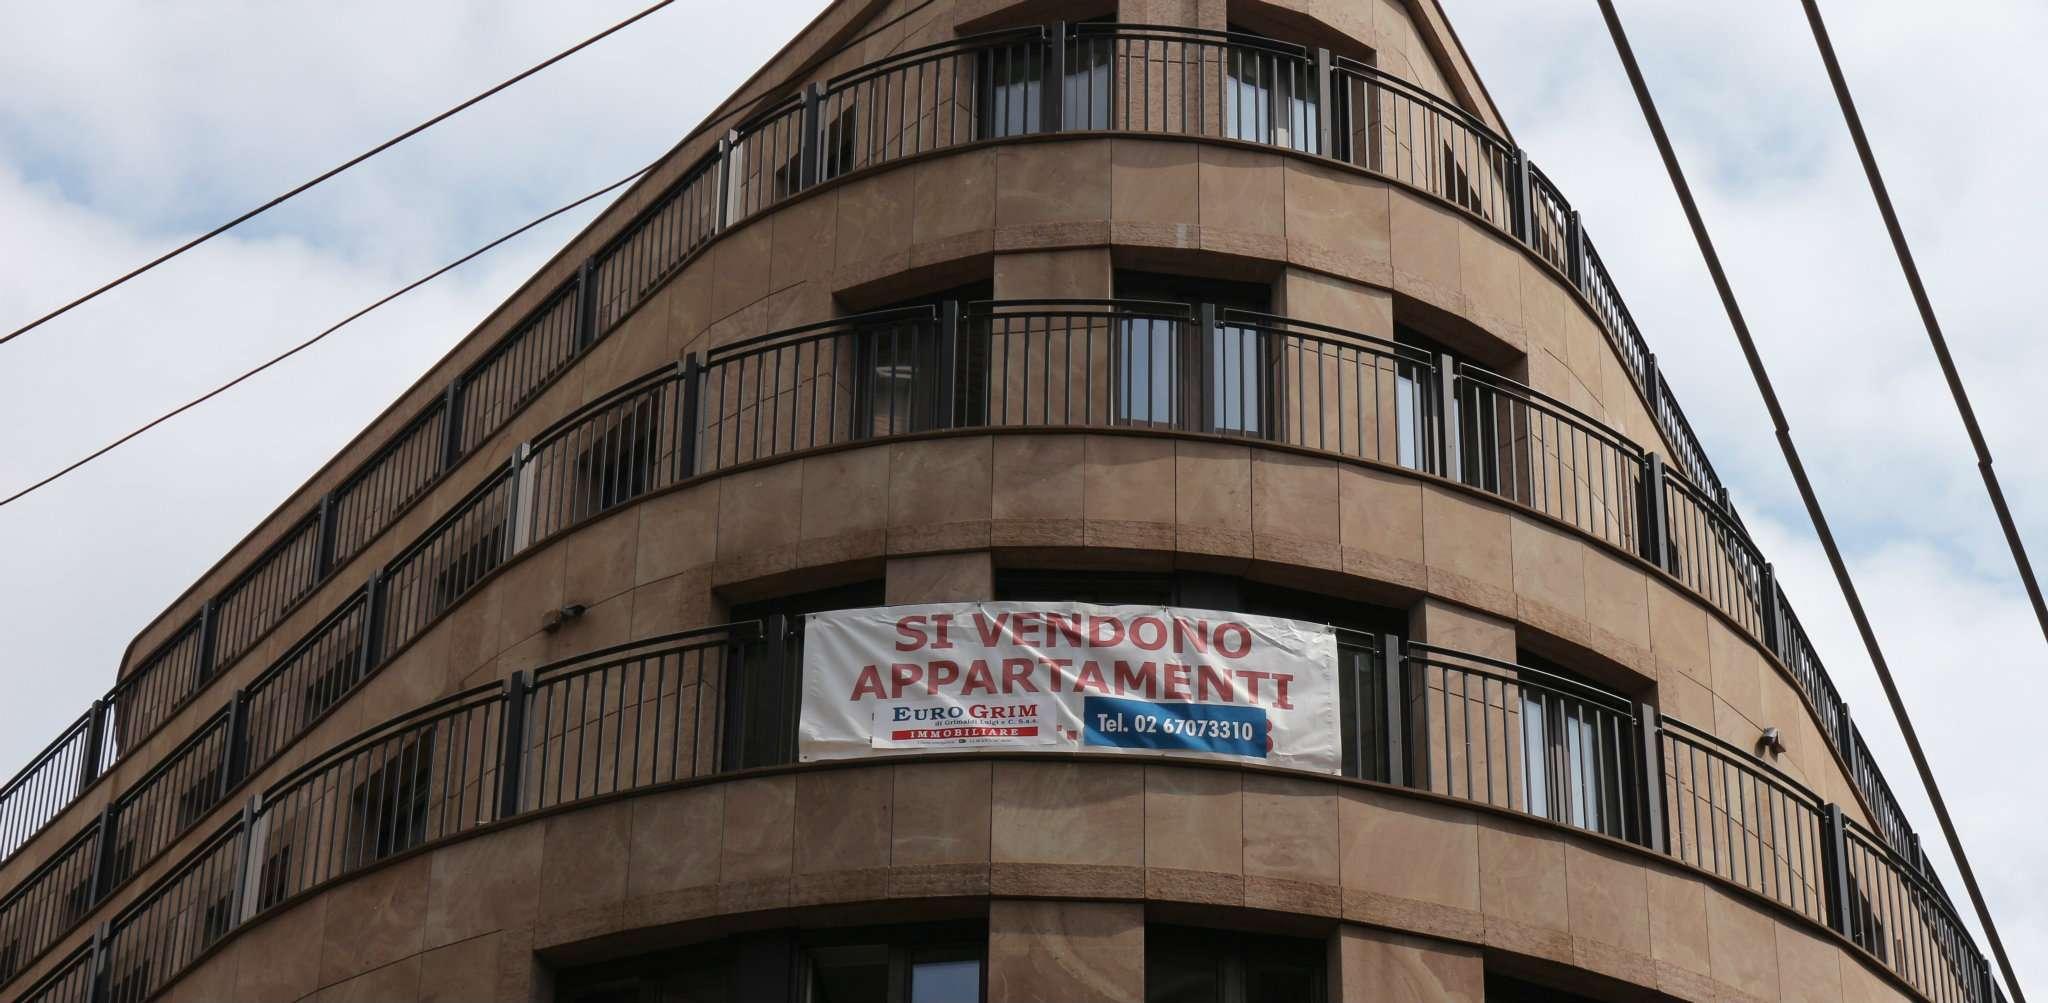 Appartamento in vendita a Milano, 1 locali, zona Zona: 1 . Centro Storico, Duomo, Brera, Cadorna, Cattolica, Trattative riservate | CambioCasa.it